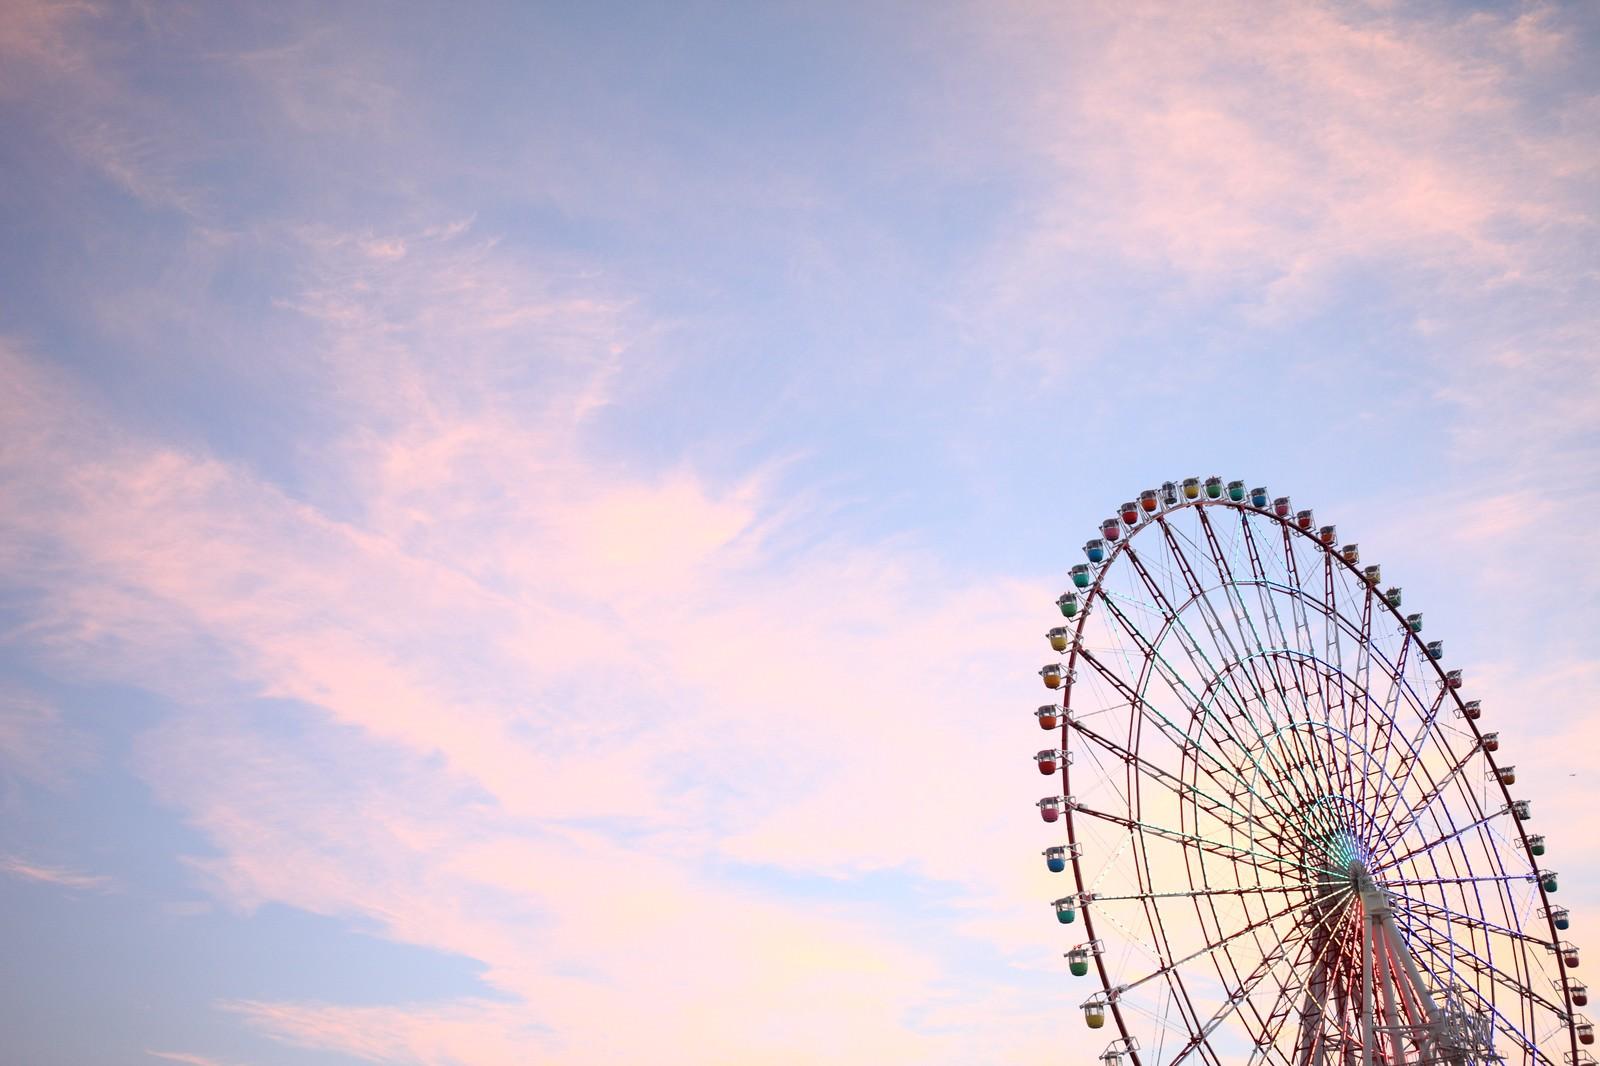 「夕焼け空と観覧車」の写真